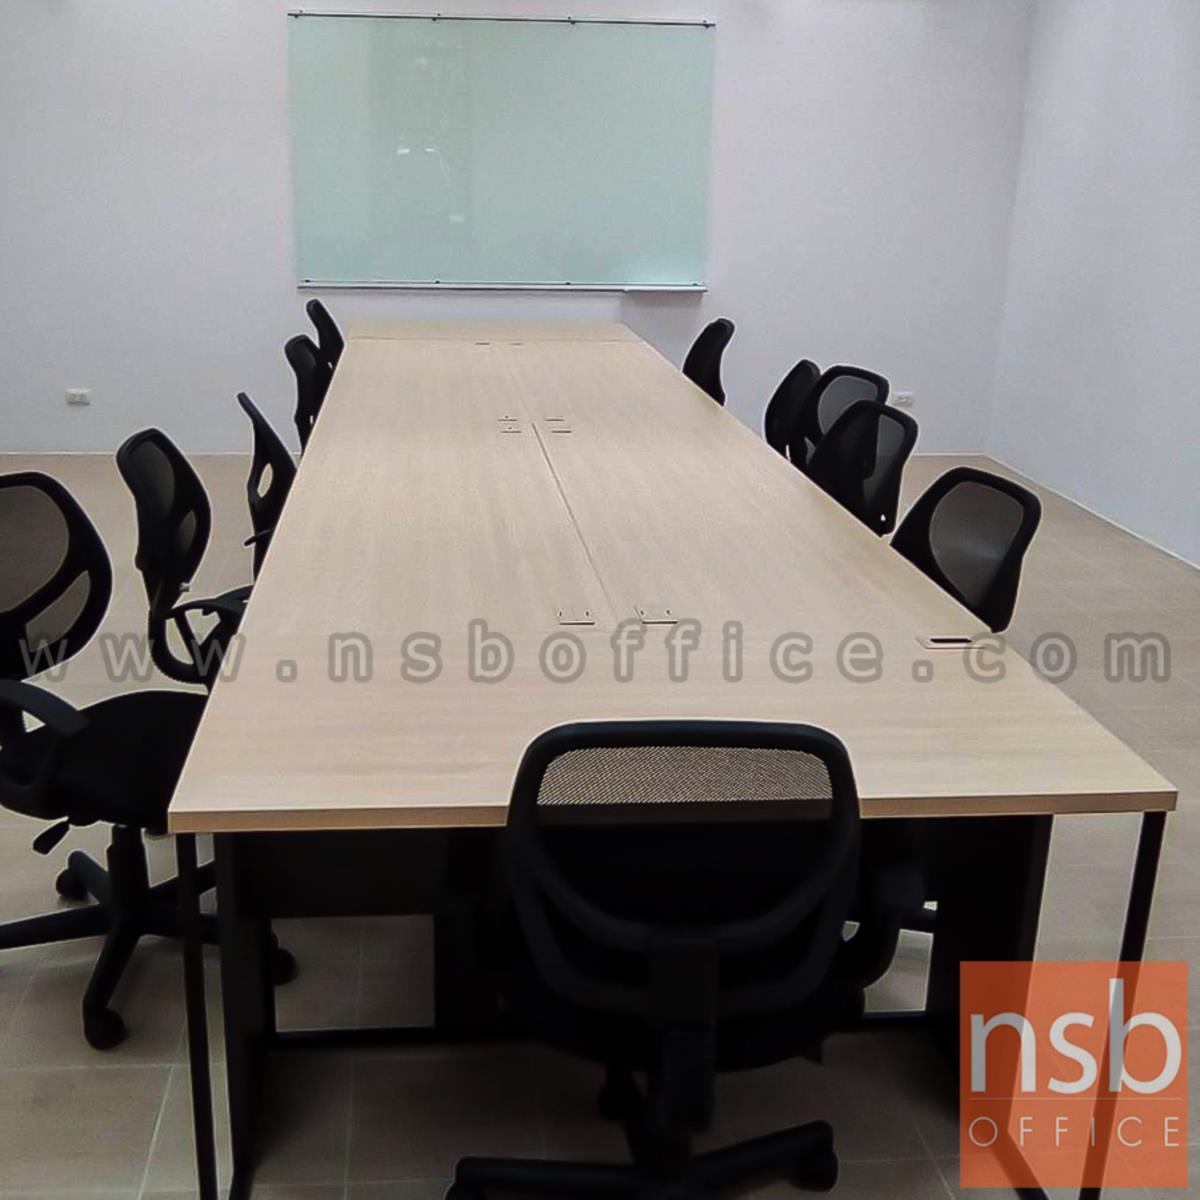 โต๊ะทำงานโล่ง  ขนาด 120W ,135W ,150W ,160W ,180W cm.  ขาเหล็กกล่อง